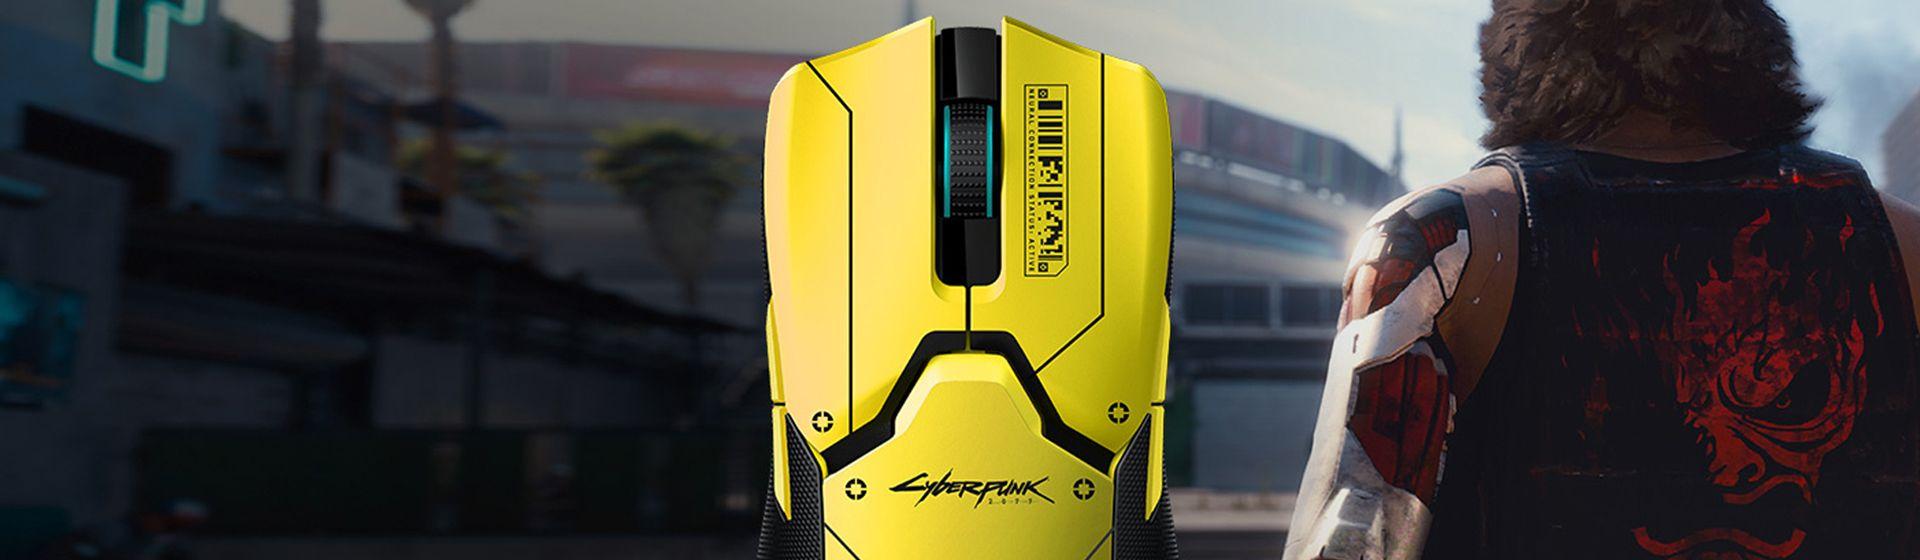 Razer anuncia mouse Viper Ultimate temático de Cyberpunk 2077